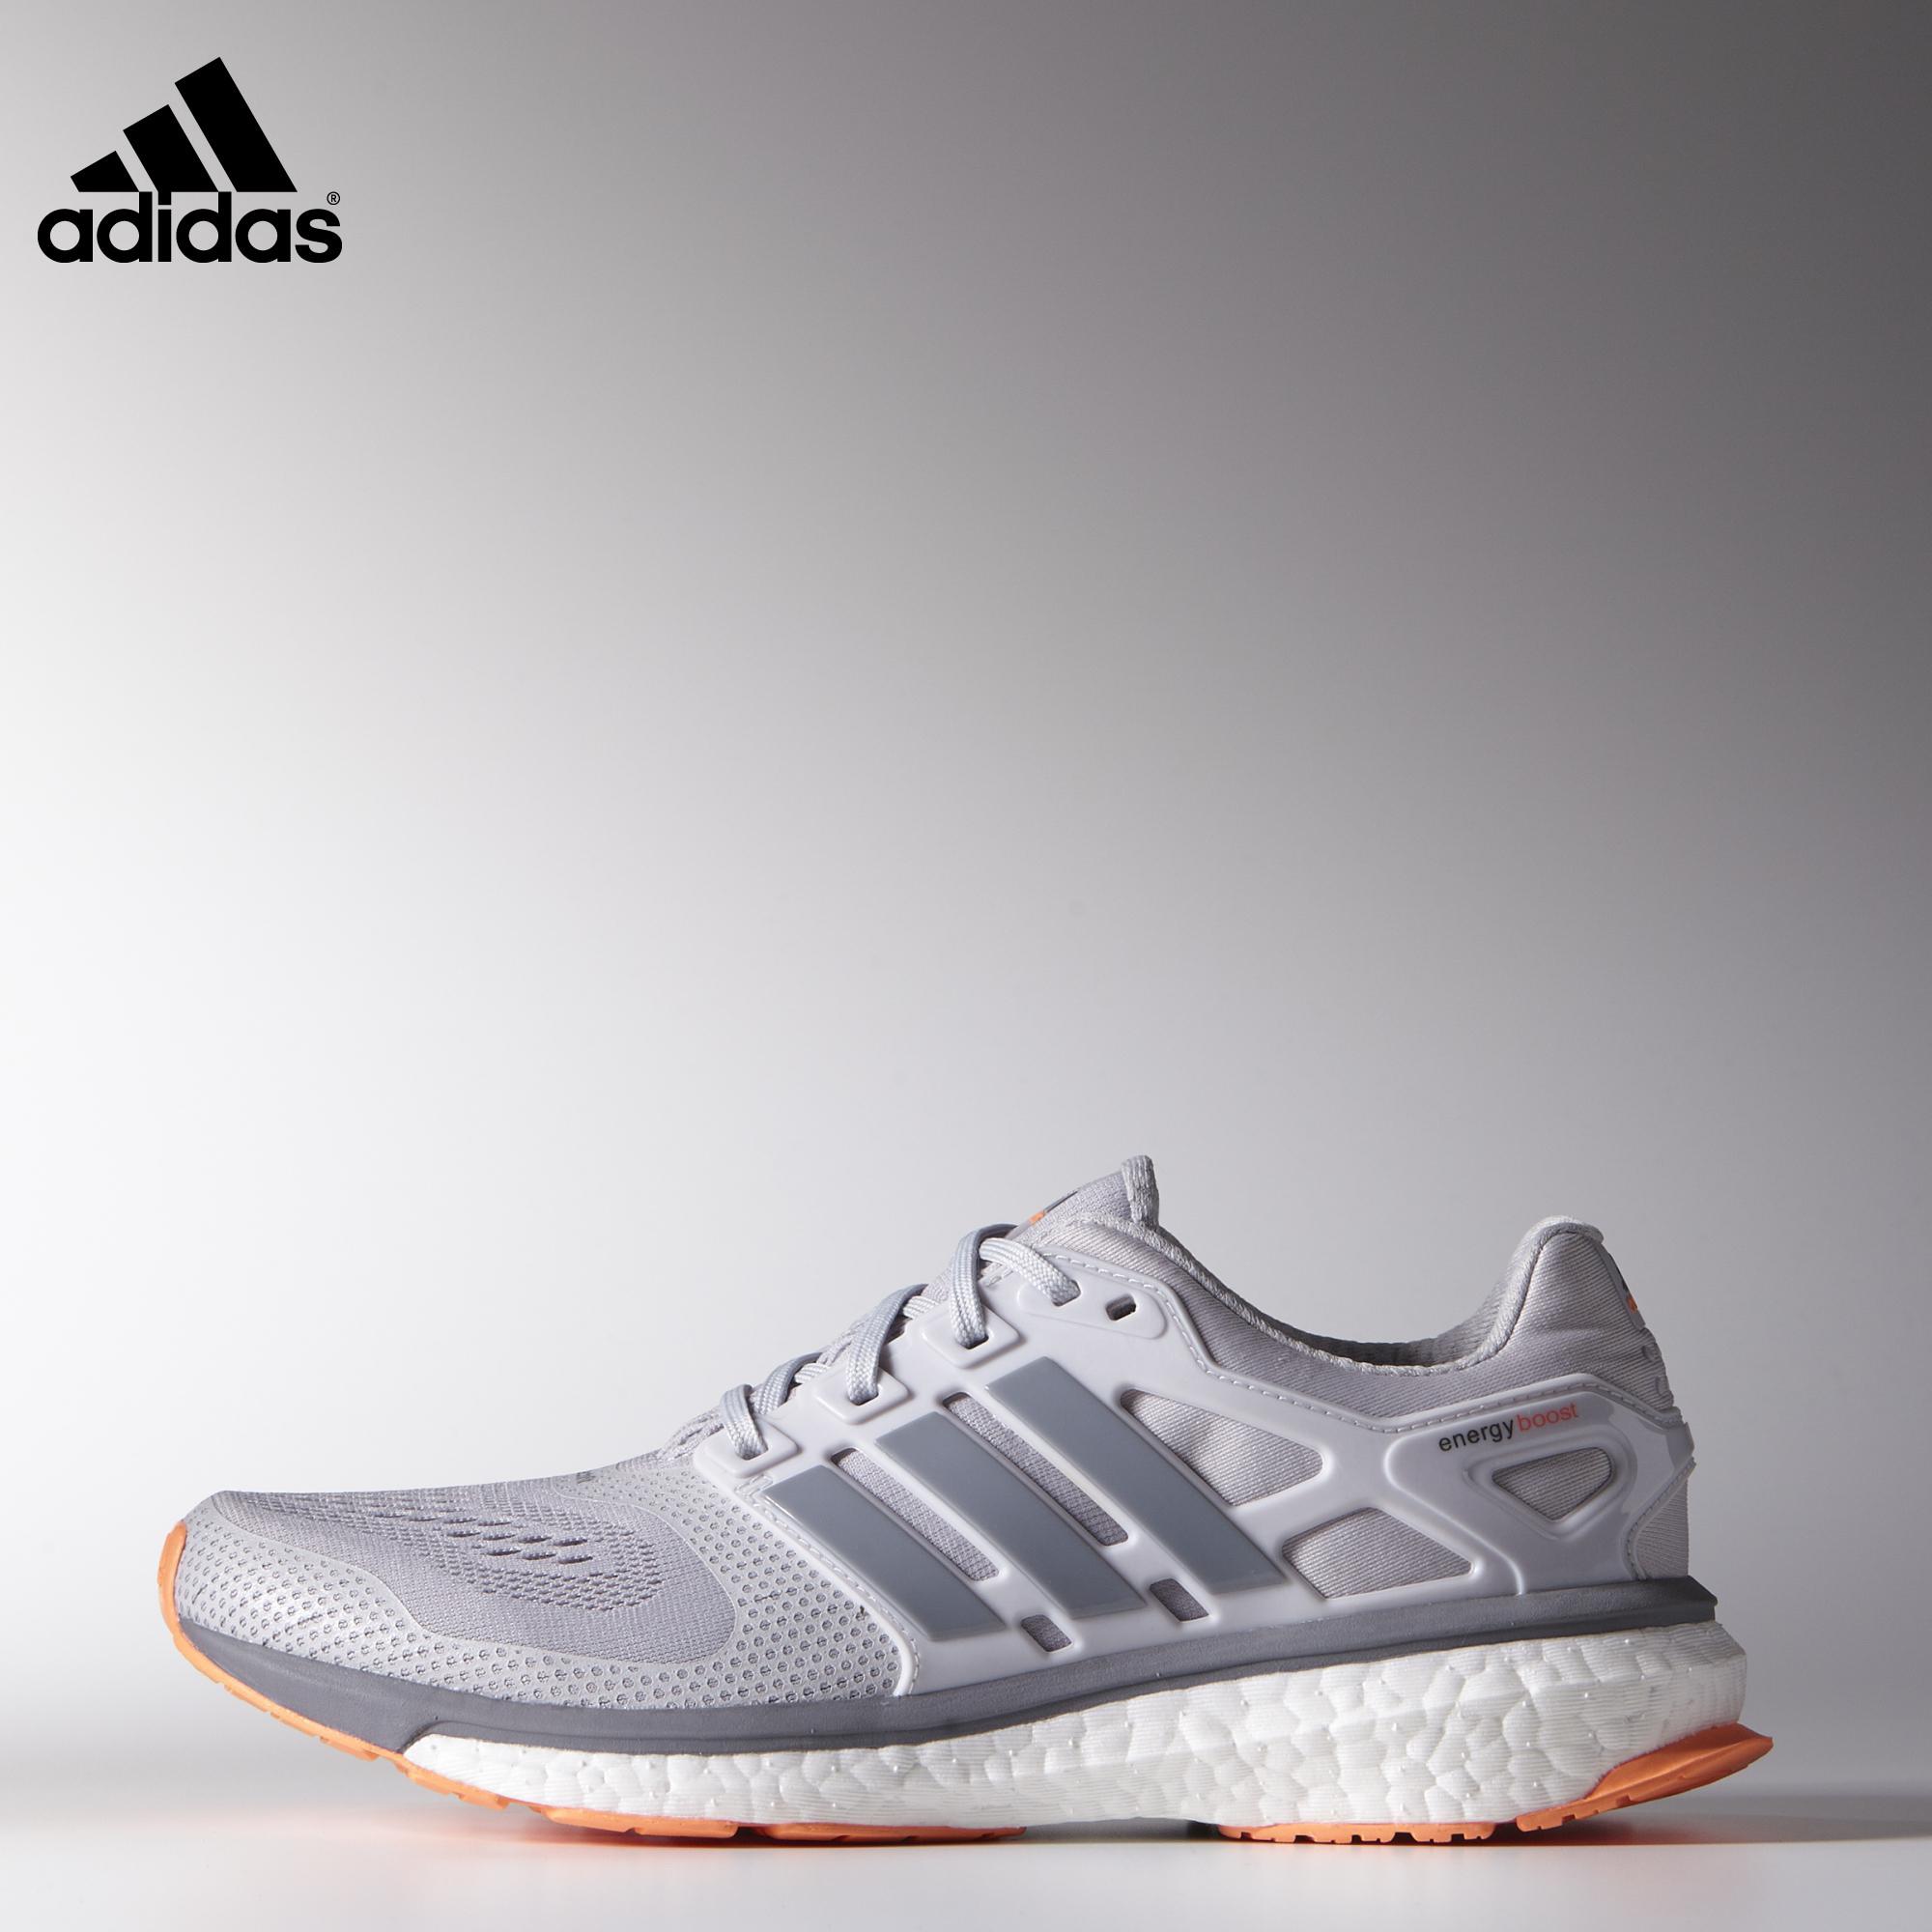 hot adidas ultra boost precio 8cba9 0478e